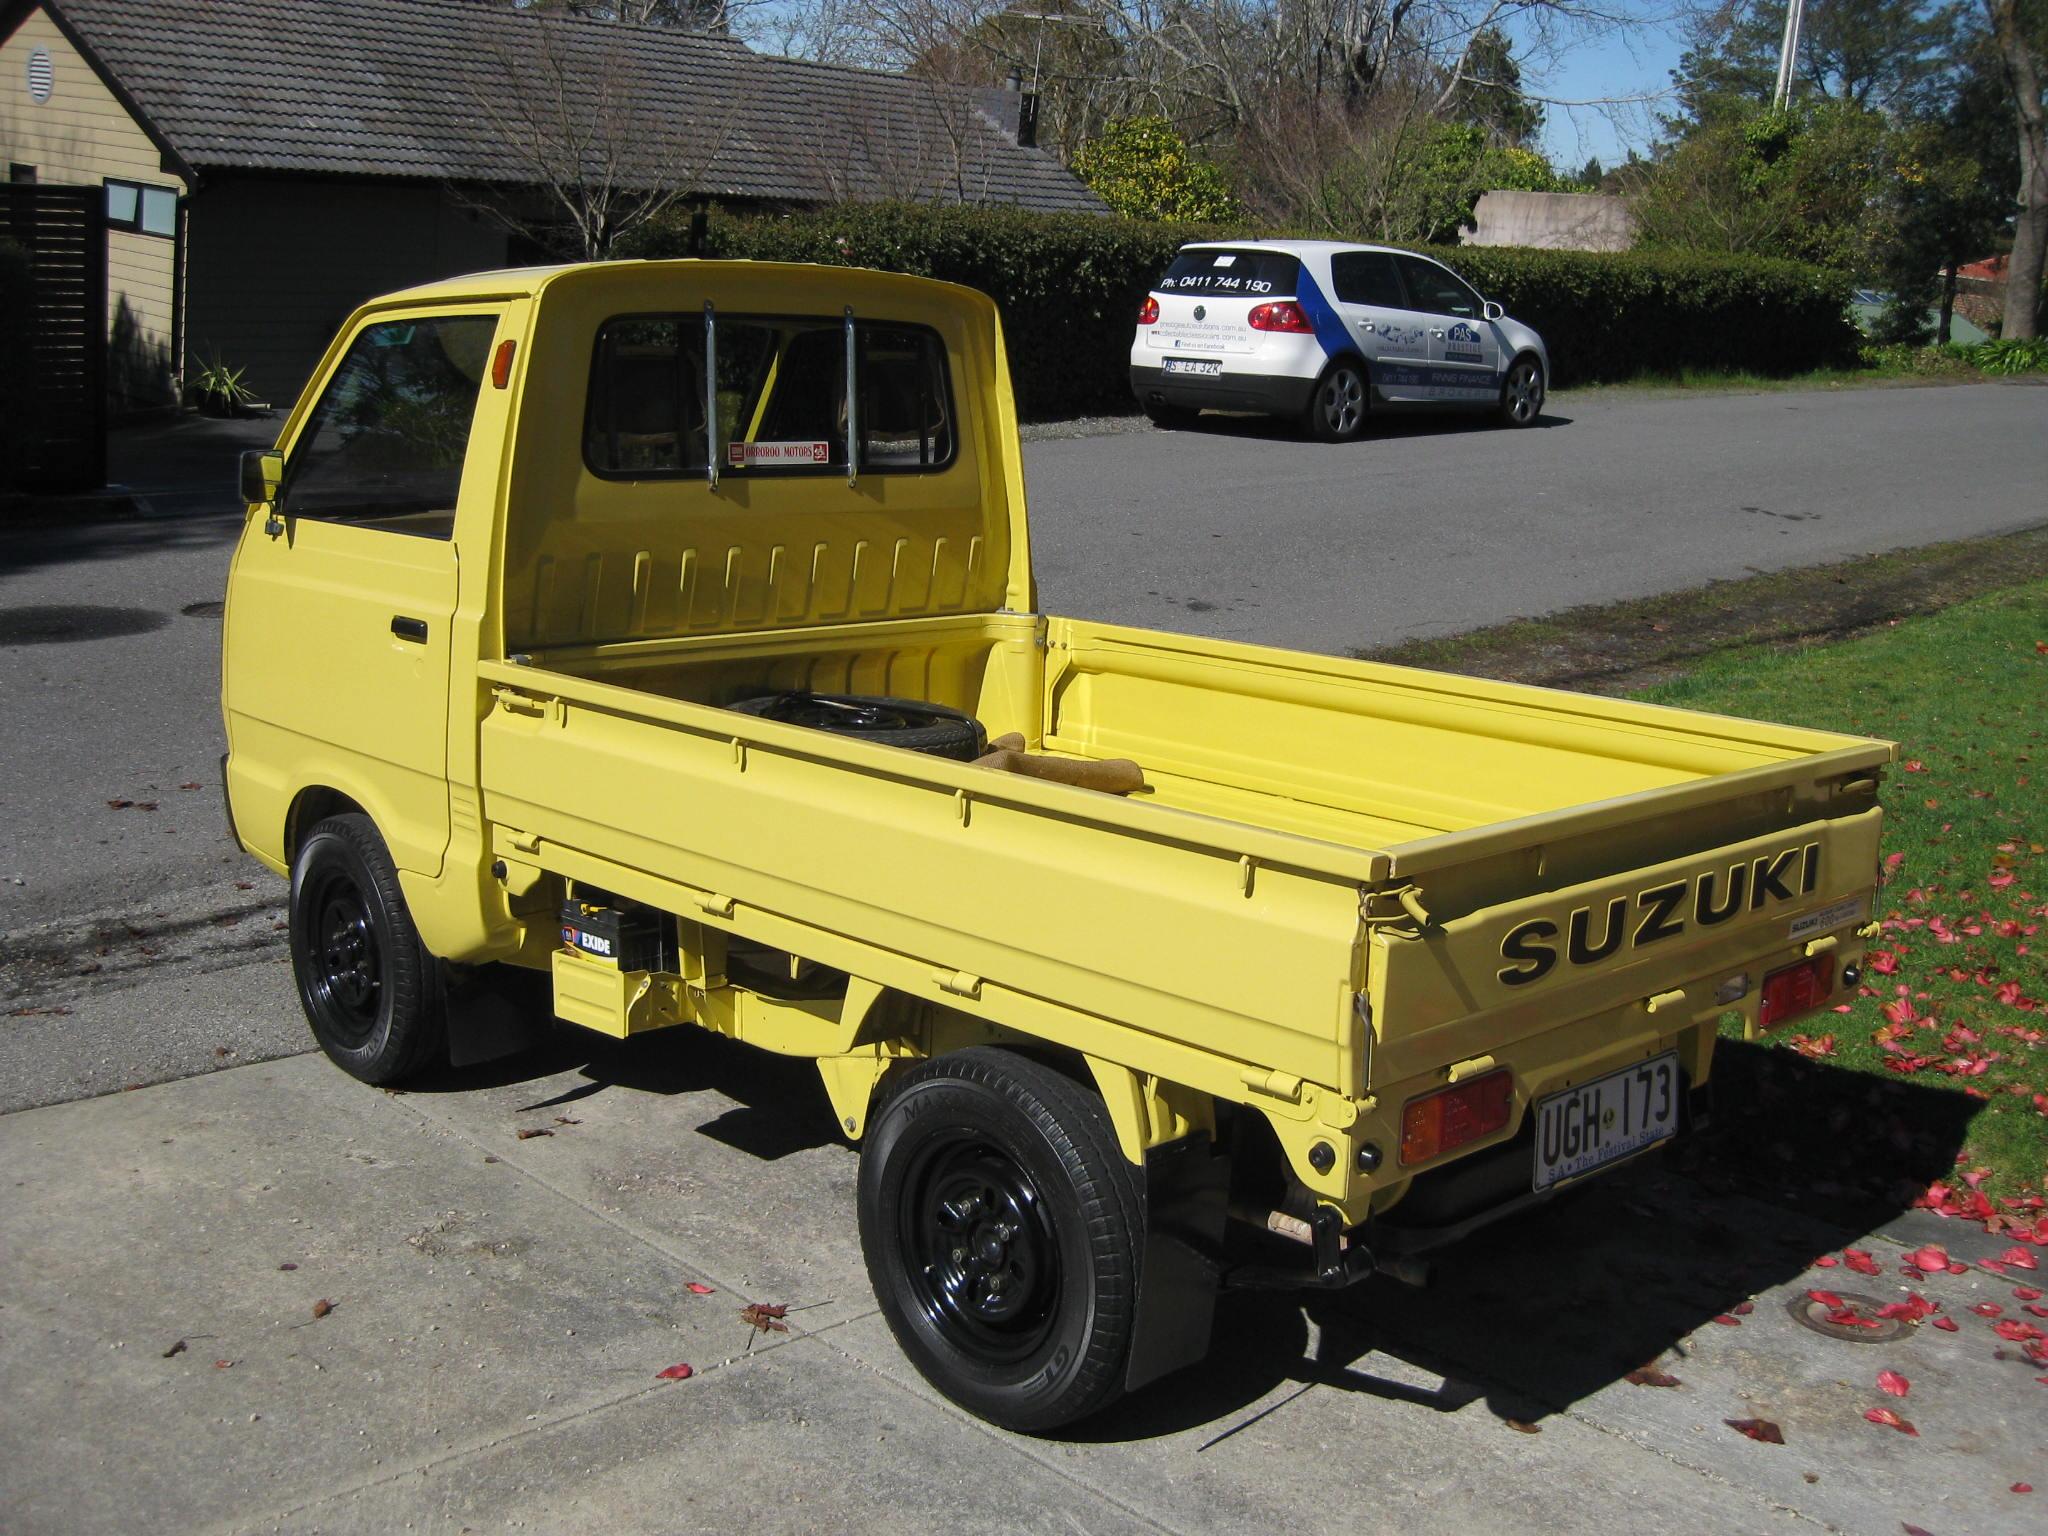 Un énorme camion de plus, le WPL D12 Suzuki Carry 1/10... - Page 2 Img_2810